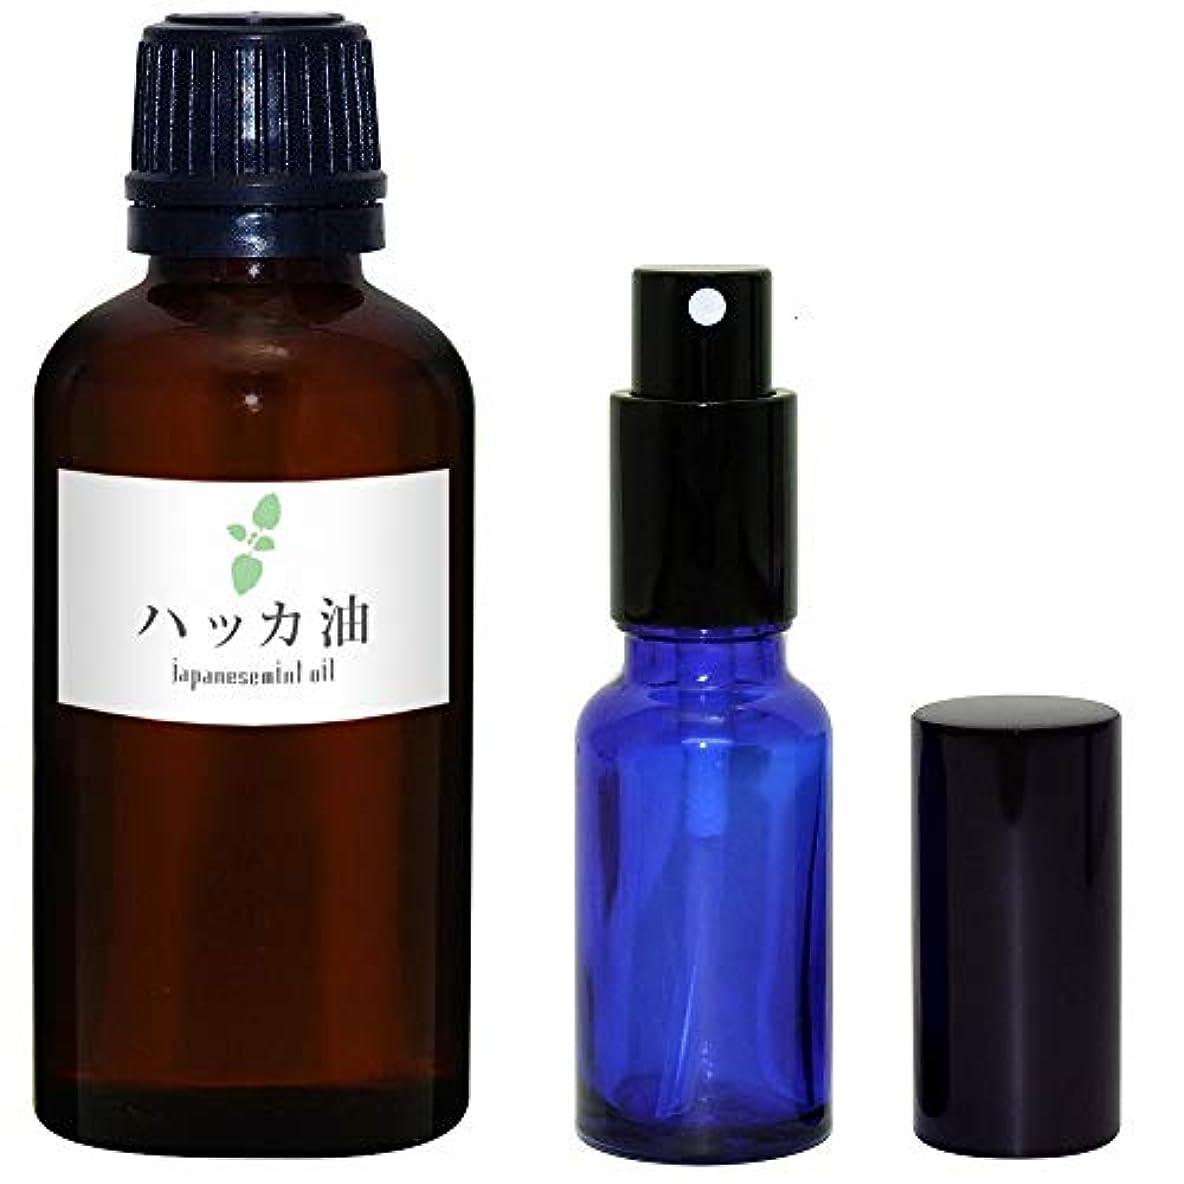 一緒に描く病者ガレージ?ゼロ ハッカ油 50ml(GZAK15)+ガラス瓶 スプレーボトル20ml/和種薄荷/ジャパニーズミント GSE535